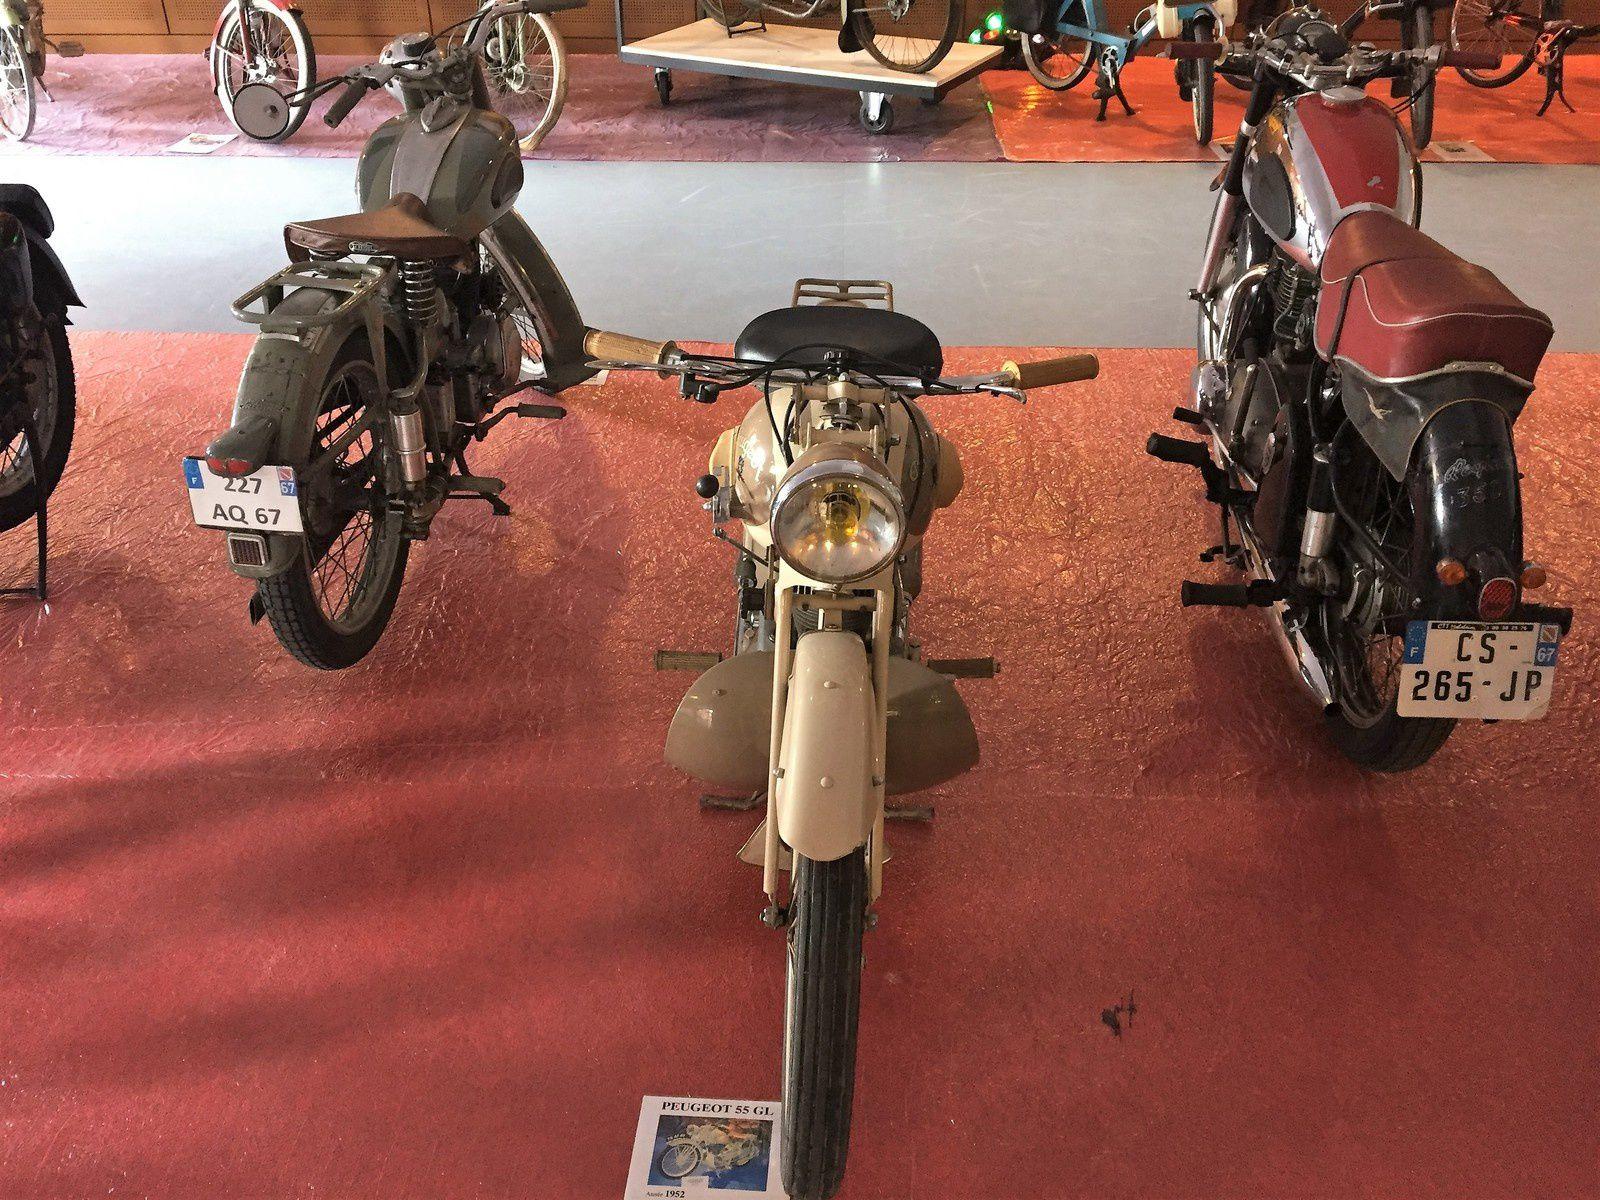 Goldwing - le téléthon 2016 avec l'association des vieilles motos de Molsheim RMC 67